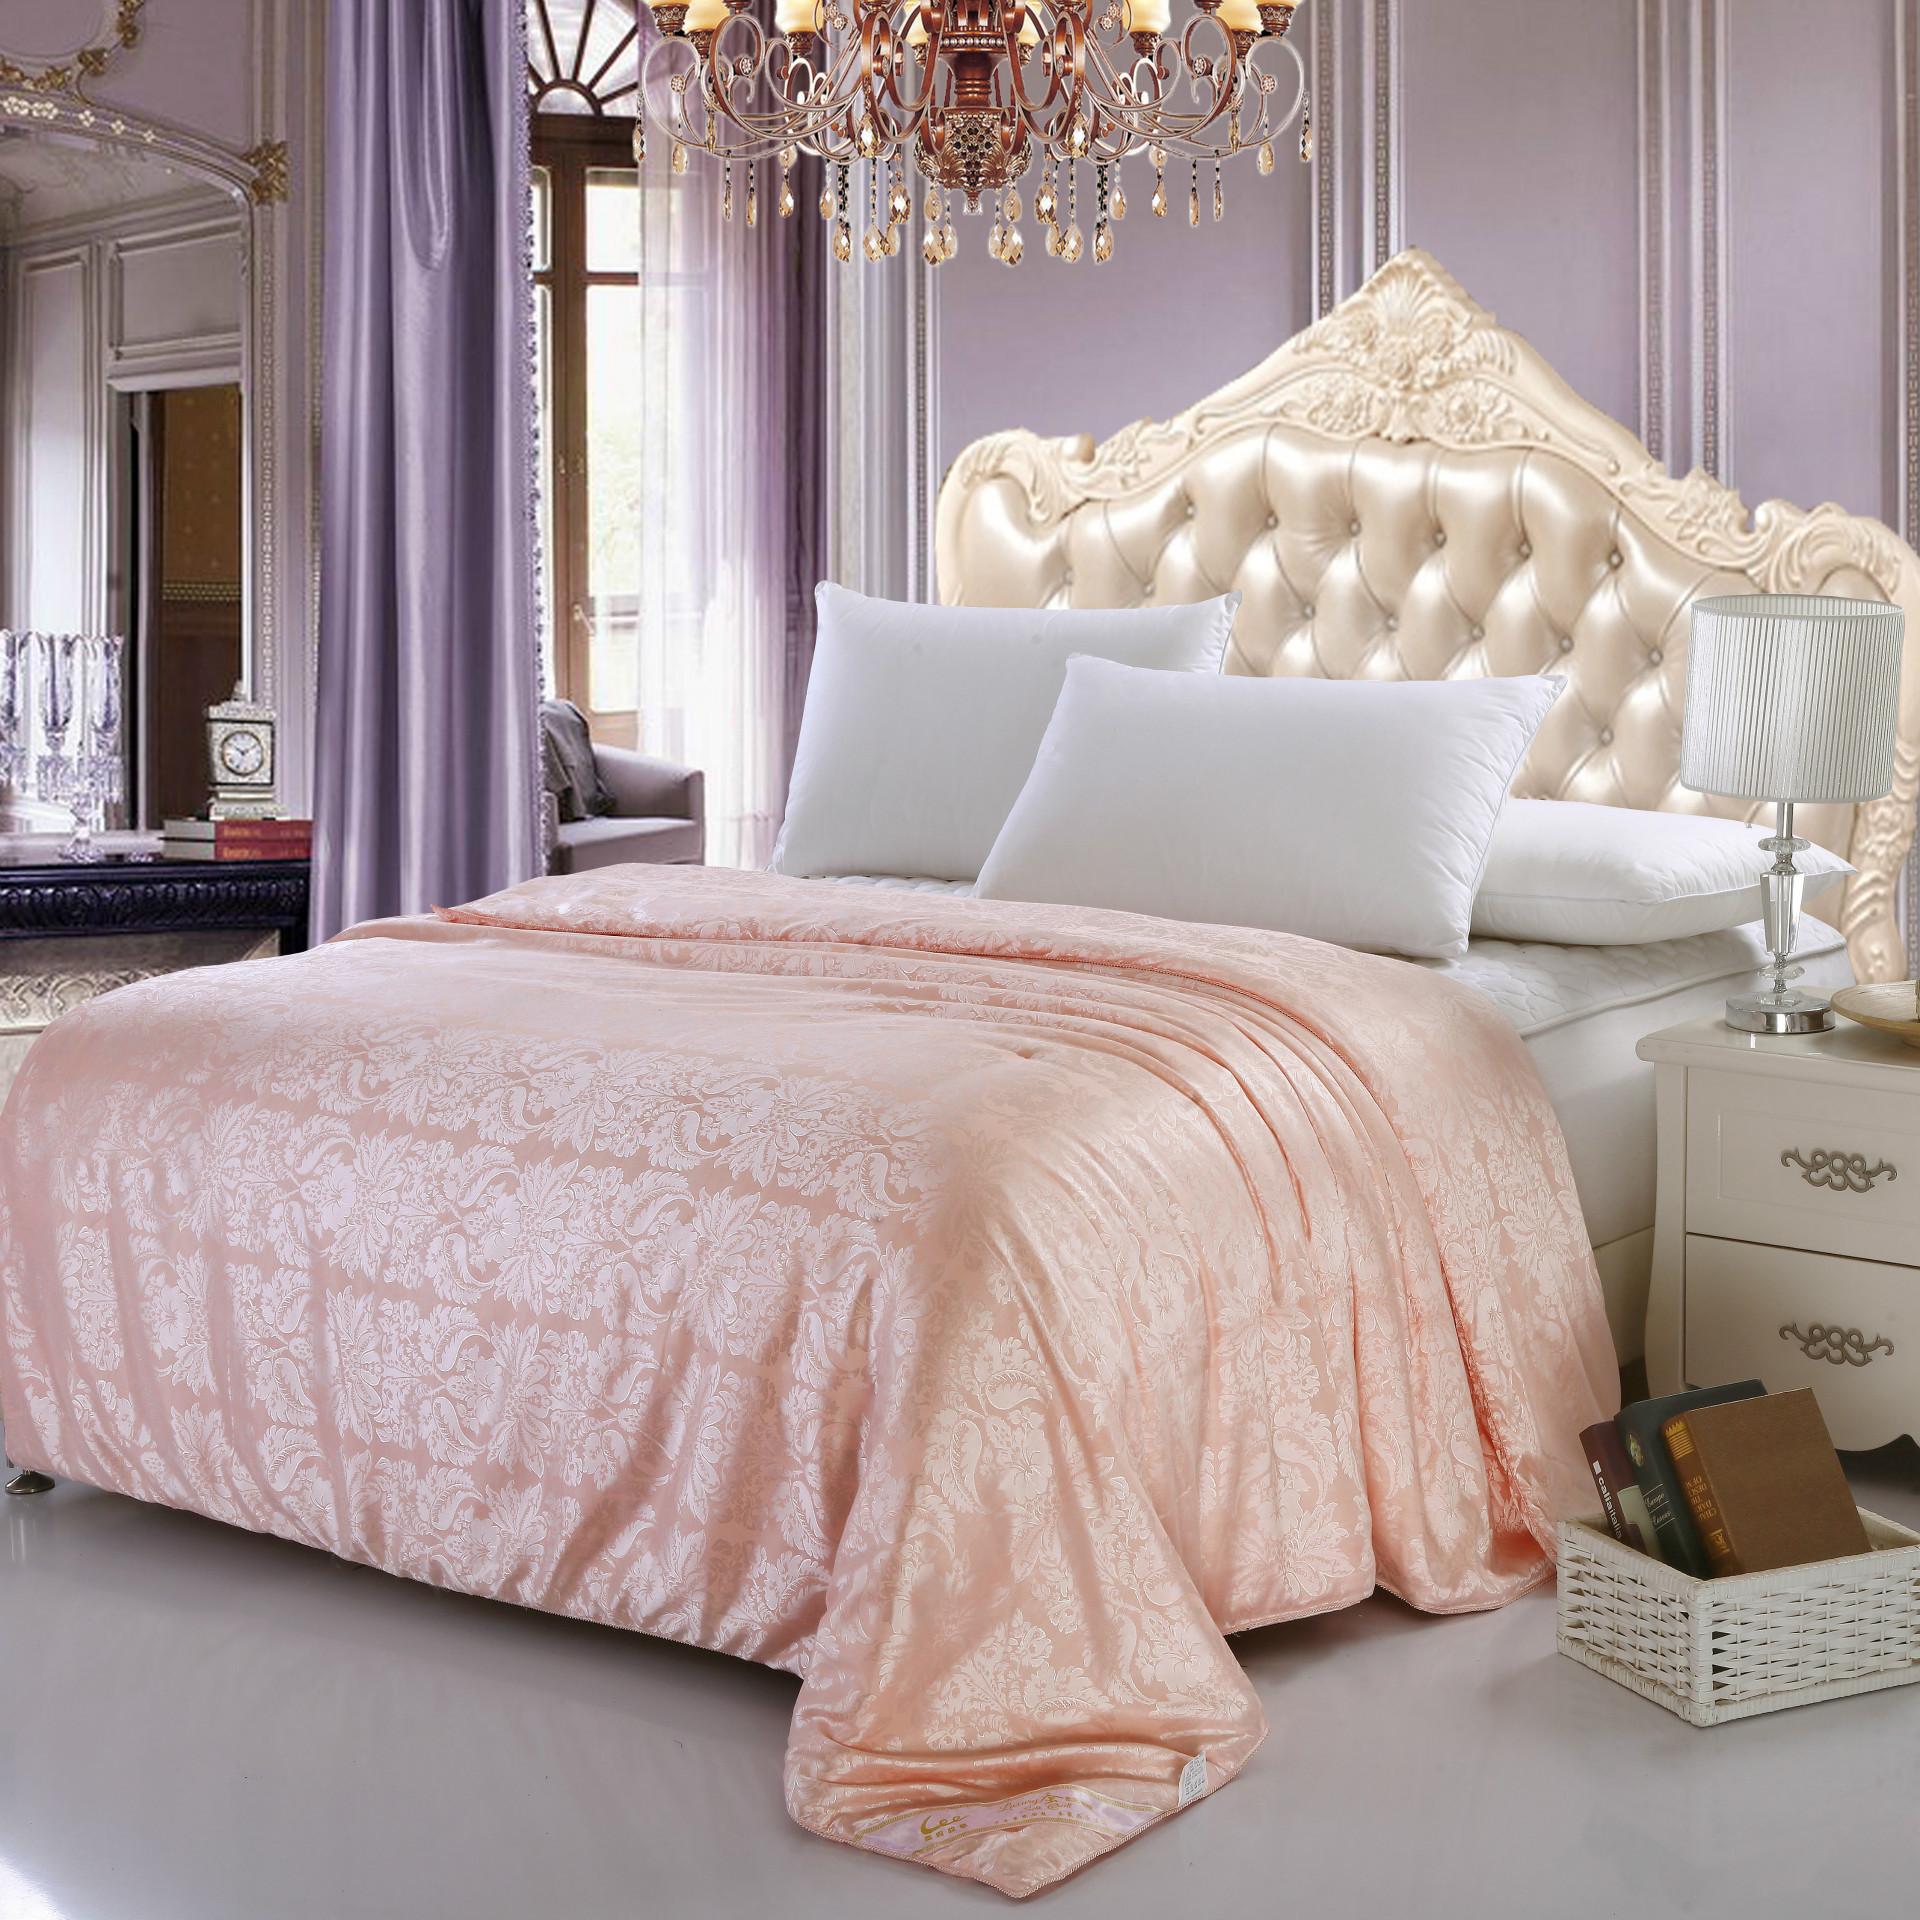 丝棉交织贡缎提花 定制蜘蛛花蚕丝被冬被芯床上用品